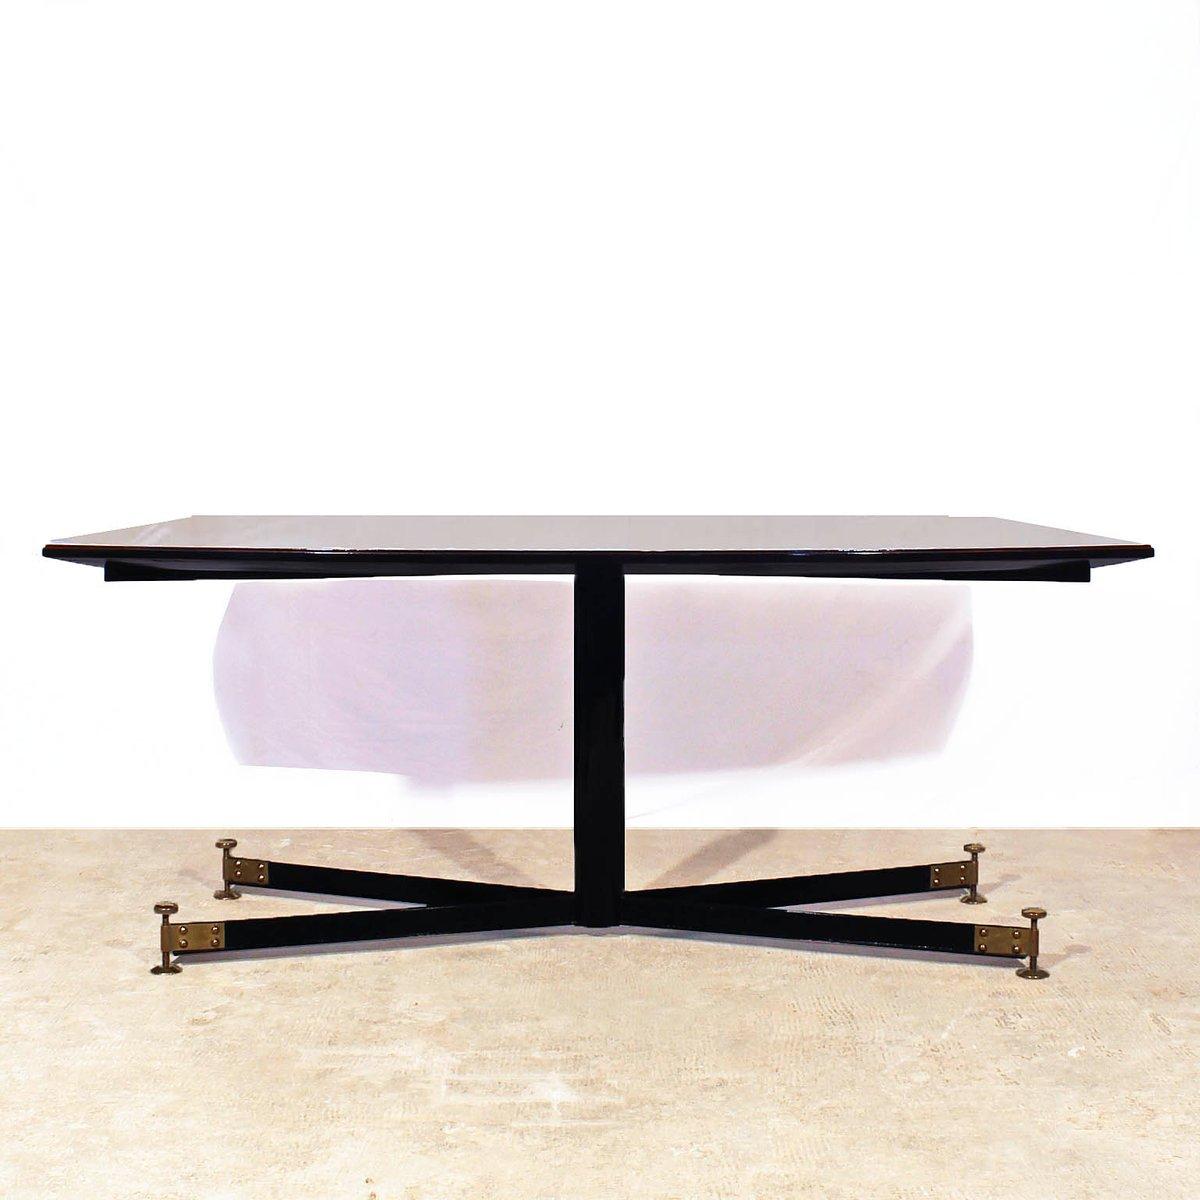 Italian Dining Table By Sergio Mazza, 1956